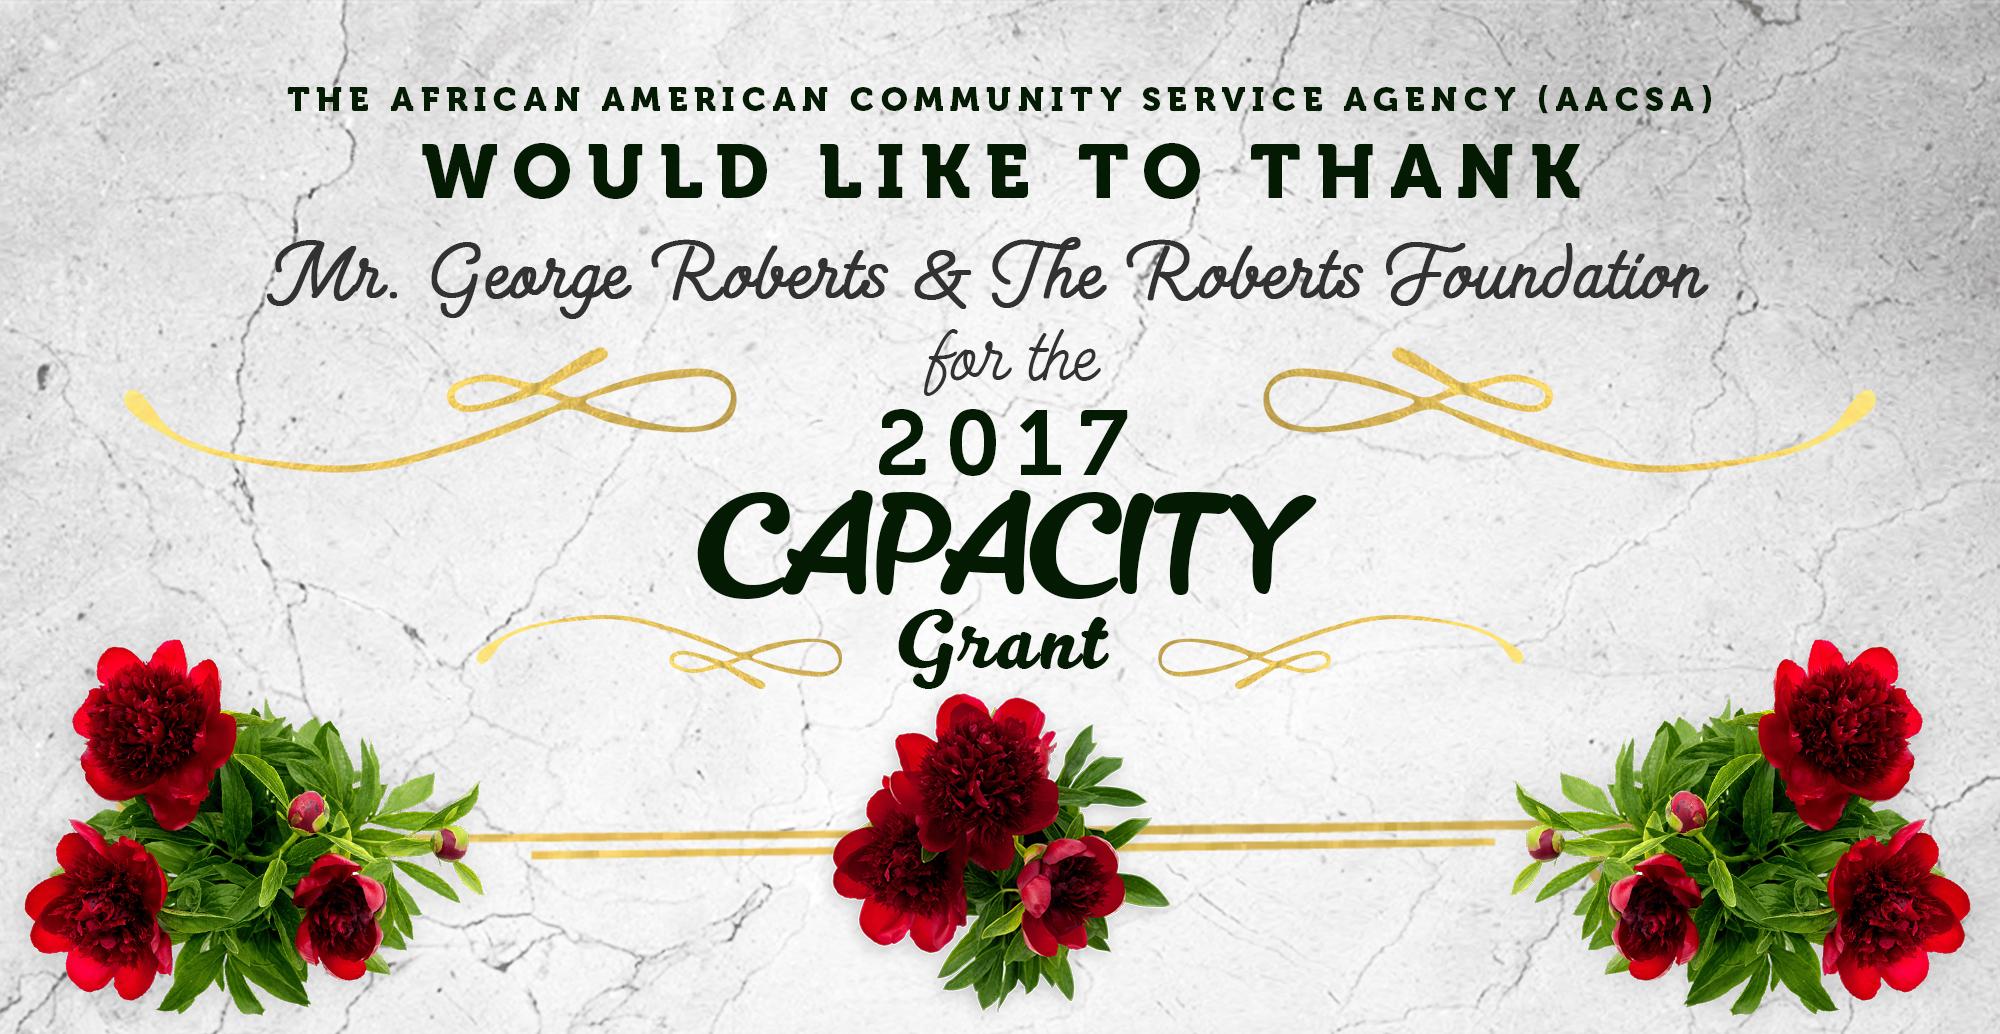 AACSA_Capacity-Grant_2017.jpg